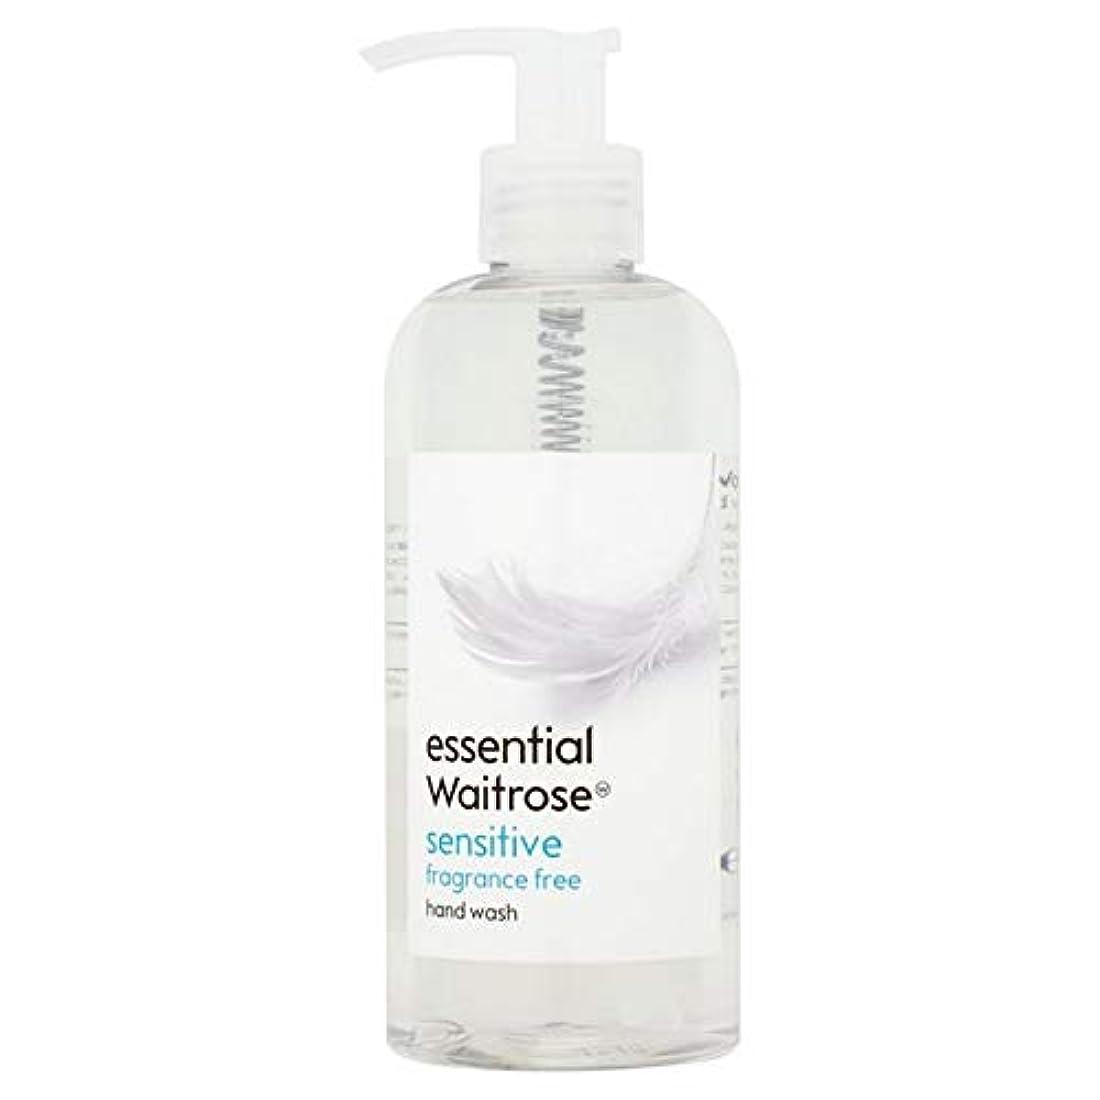 りんごコーヒーオーガニック[Waitrose ] 基本的なウェイトローズのハンドウォッシュ敏感な300ミリリットル - Essential Waitrose Hand Wash Sensitive 300ml [並行輸入品]